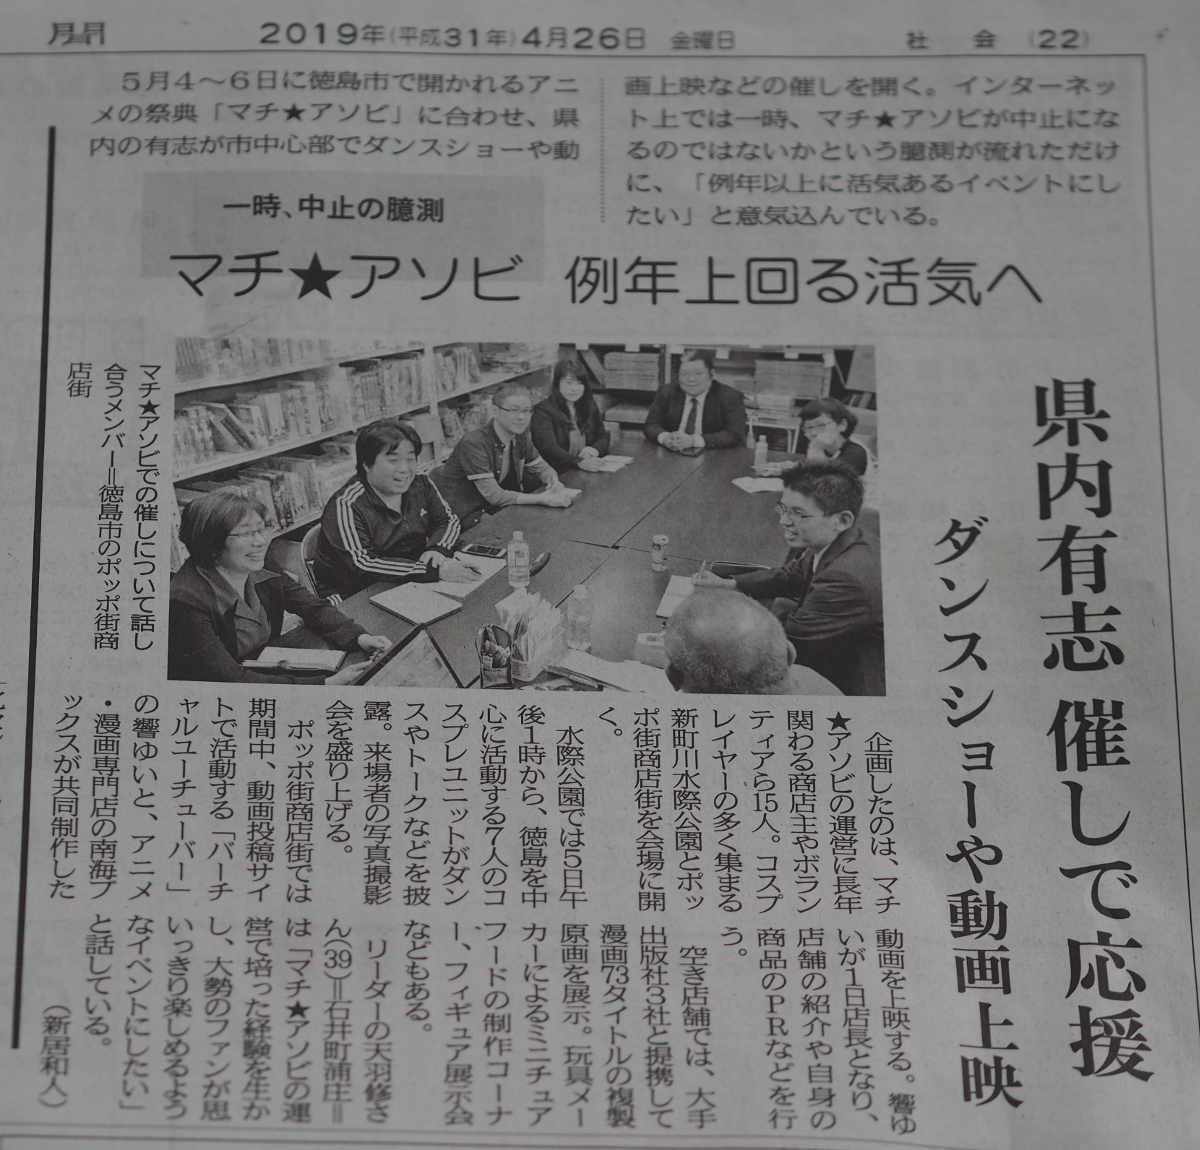 徳島新聞 2019年4月26日 マチアソビ